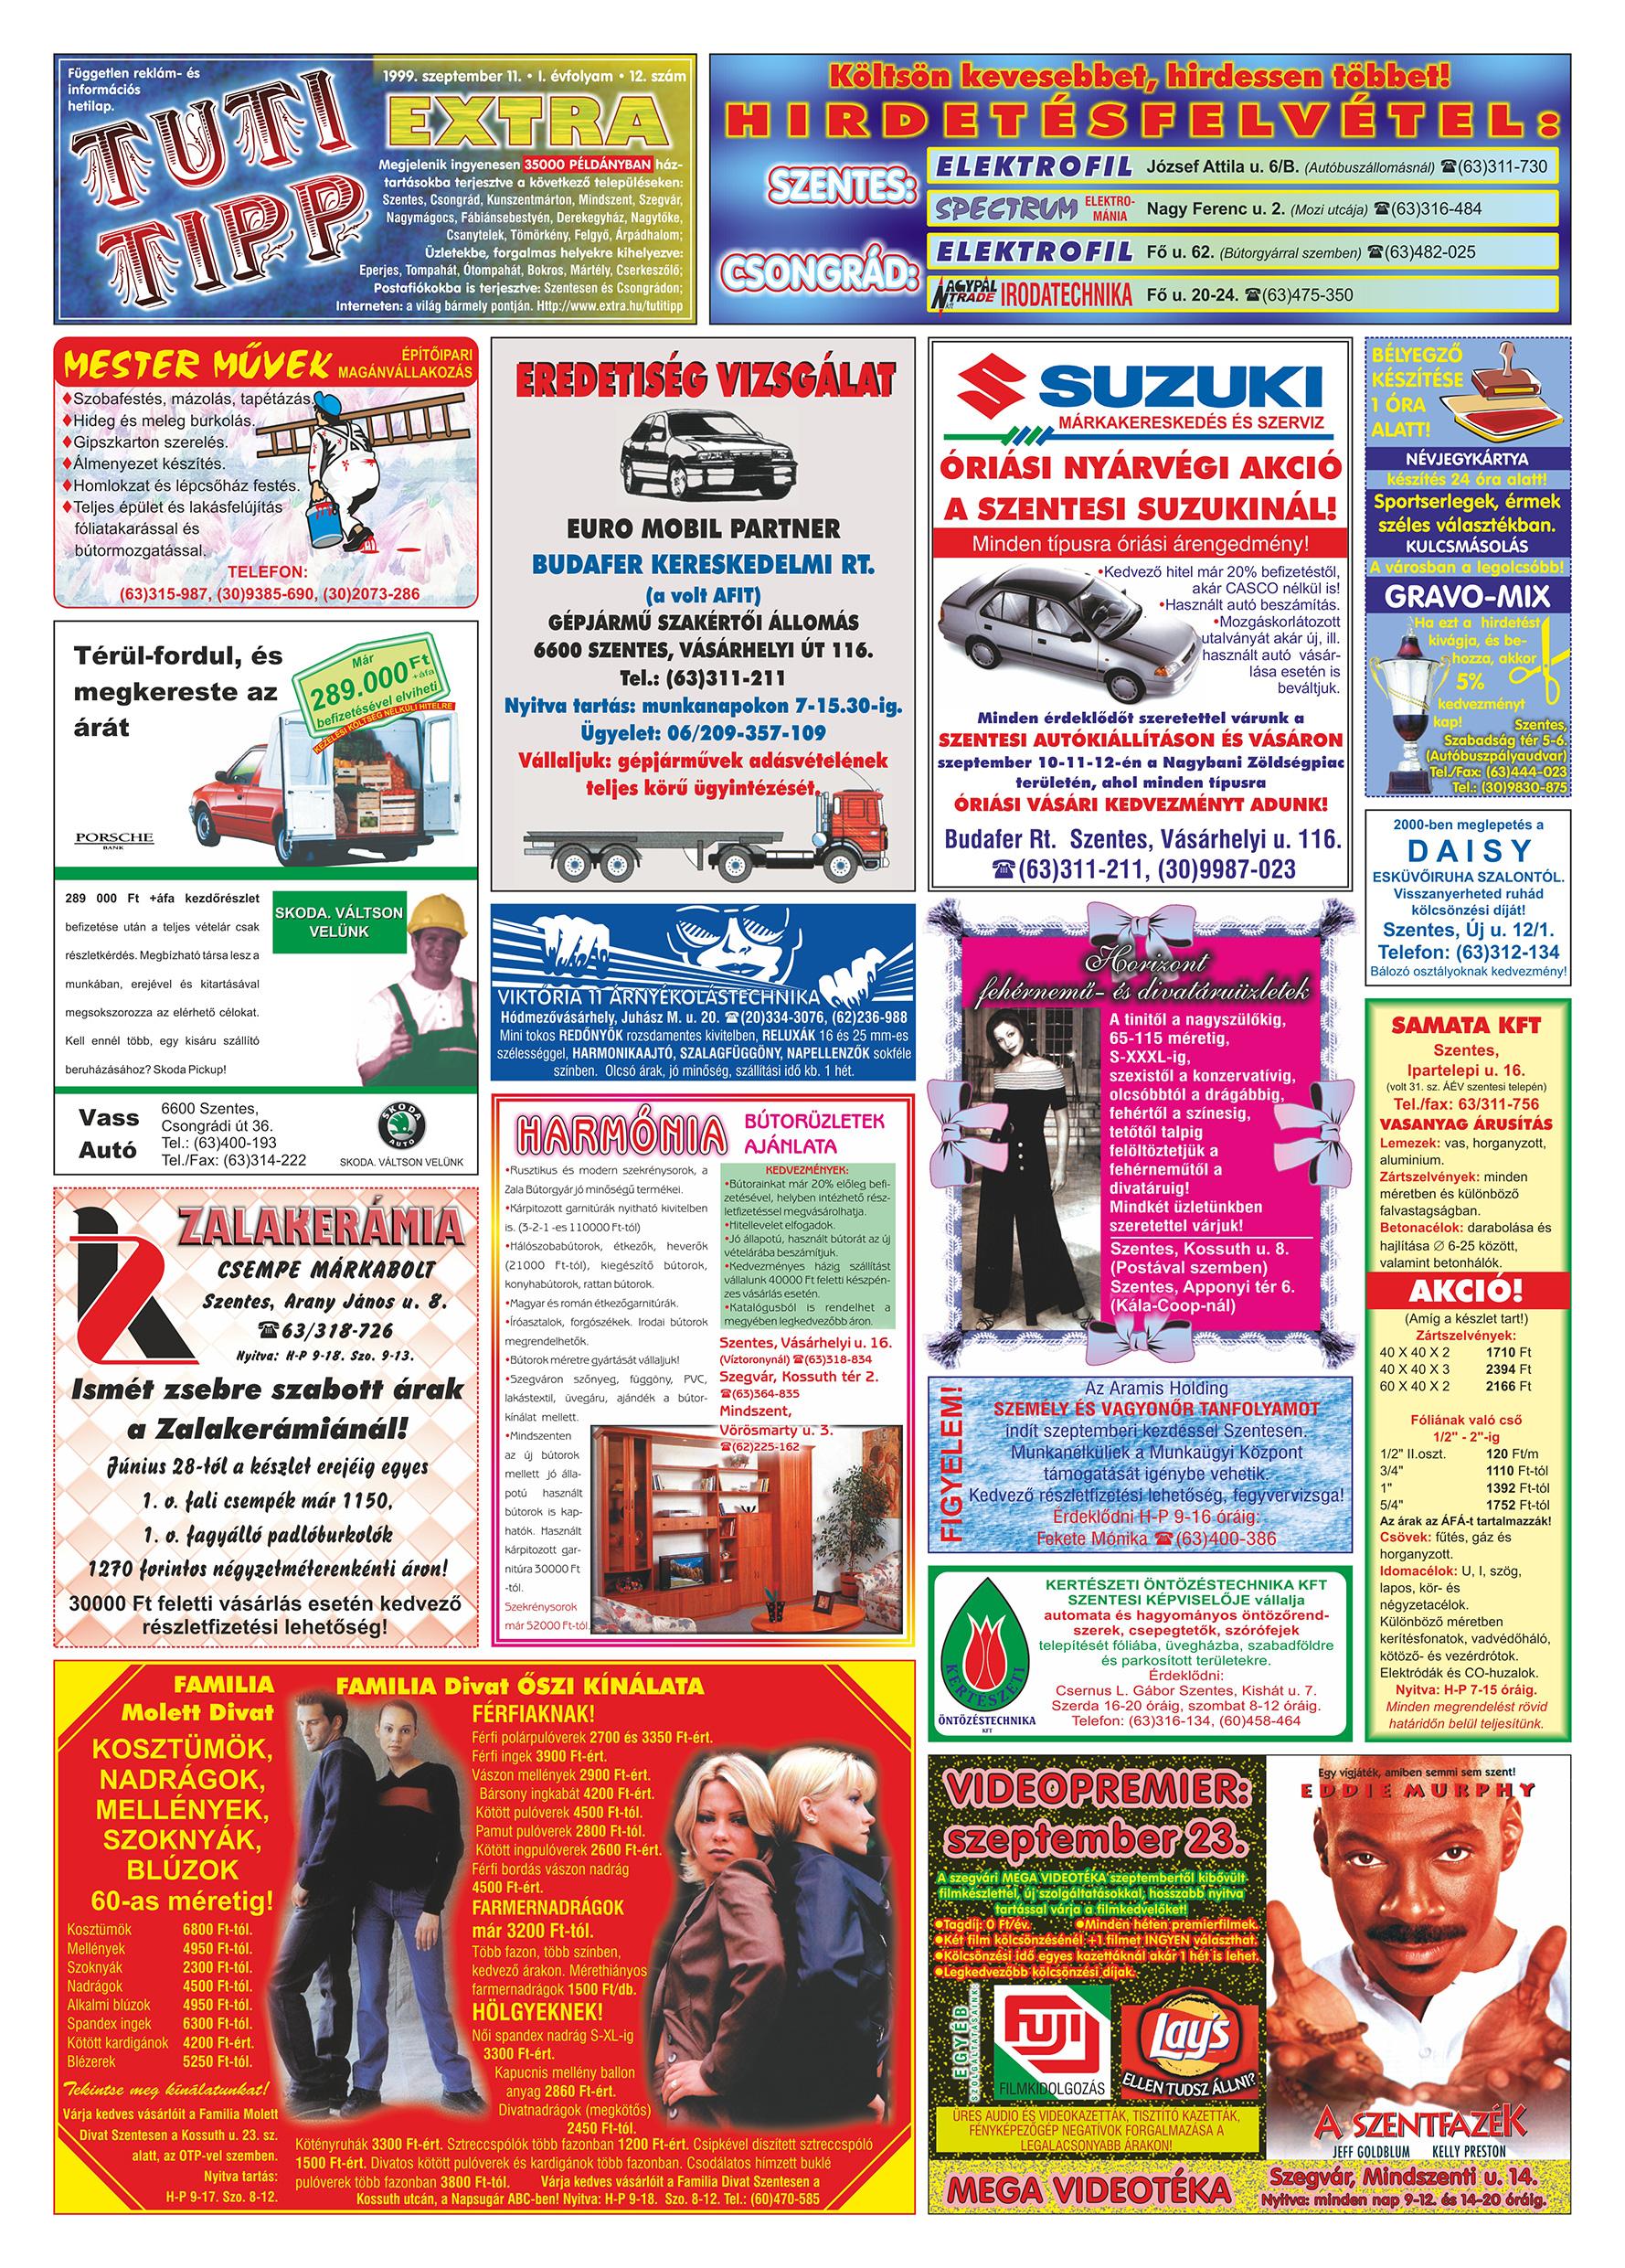 049 Tuti Tipp Extra reklámújság - 19990911-012. lapszám - 1.oldal - V. évfolyam.jpg